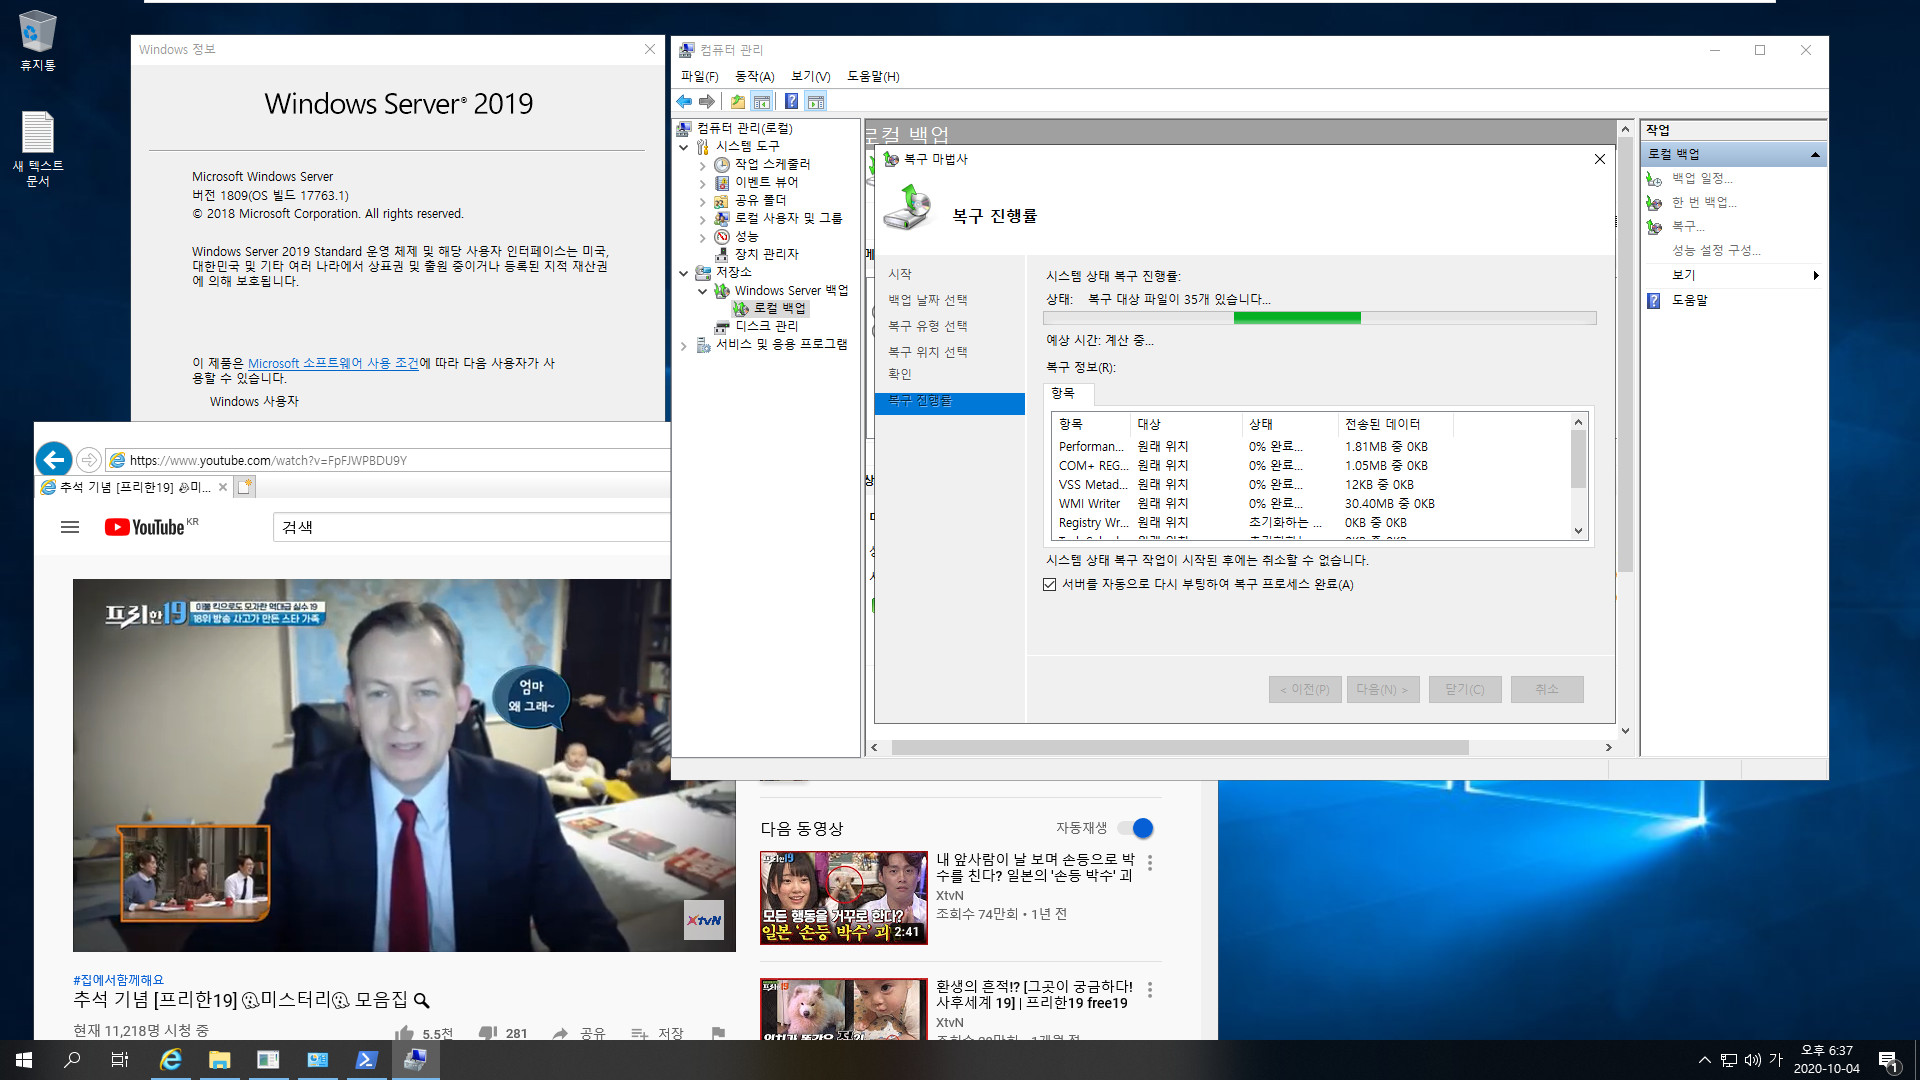 윈도우 서버군은 윈도우 사용중에도 자체 WBadmin 명령으로 윈도우 복구를 합니다 - Windows Server 2019로 복구 테스트 2020-10-04_183758.jpg